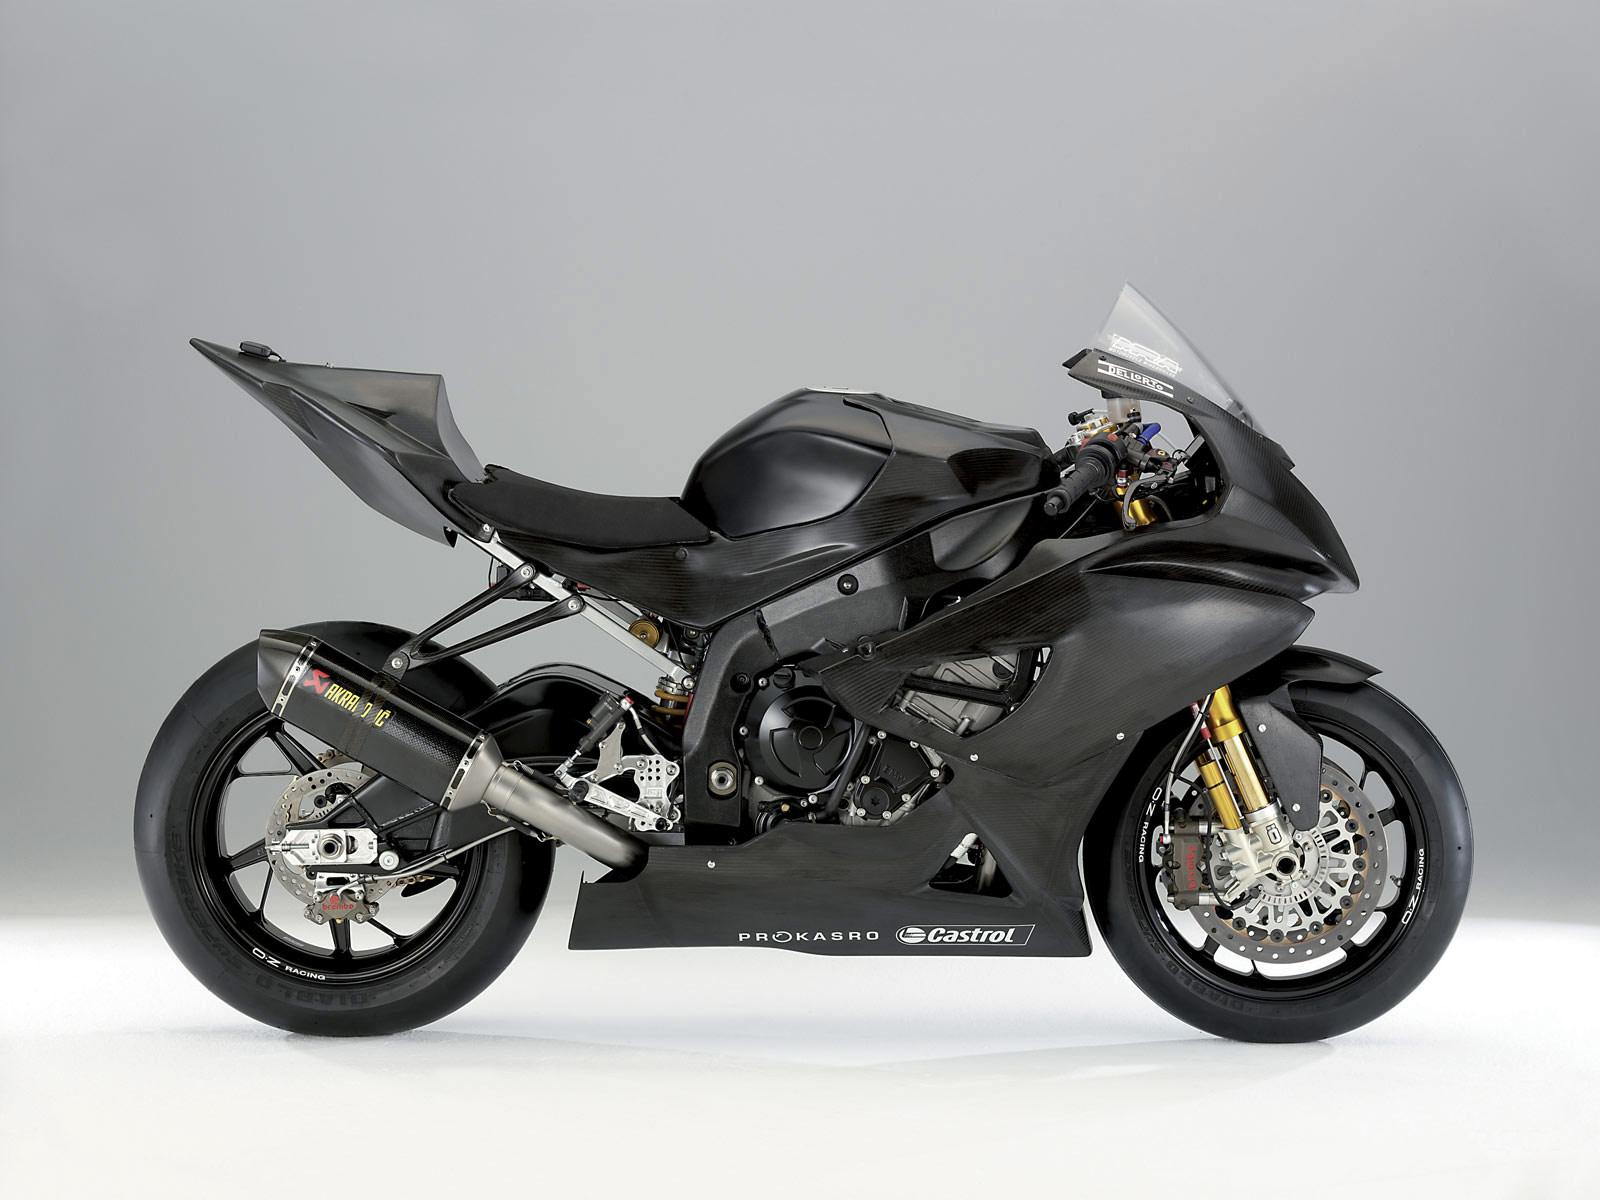 2009 bmw s1000rr motorcycle desktop wallpaper. Black Bedroom Furniture Sets. Home Design Ideas